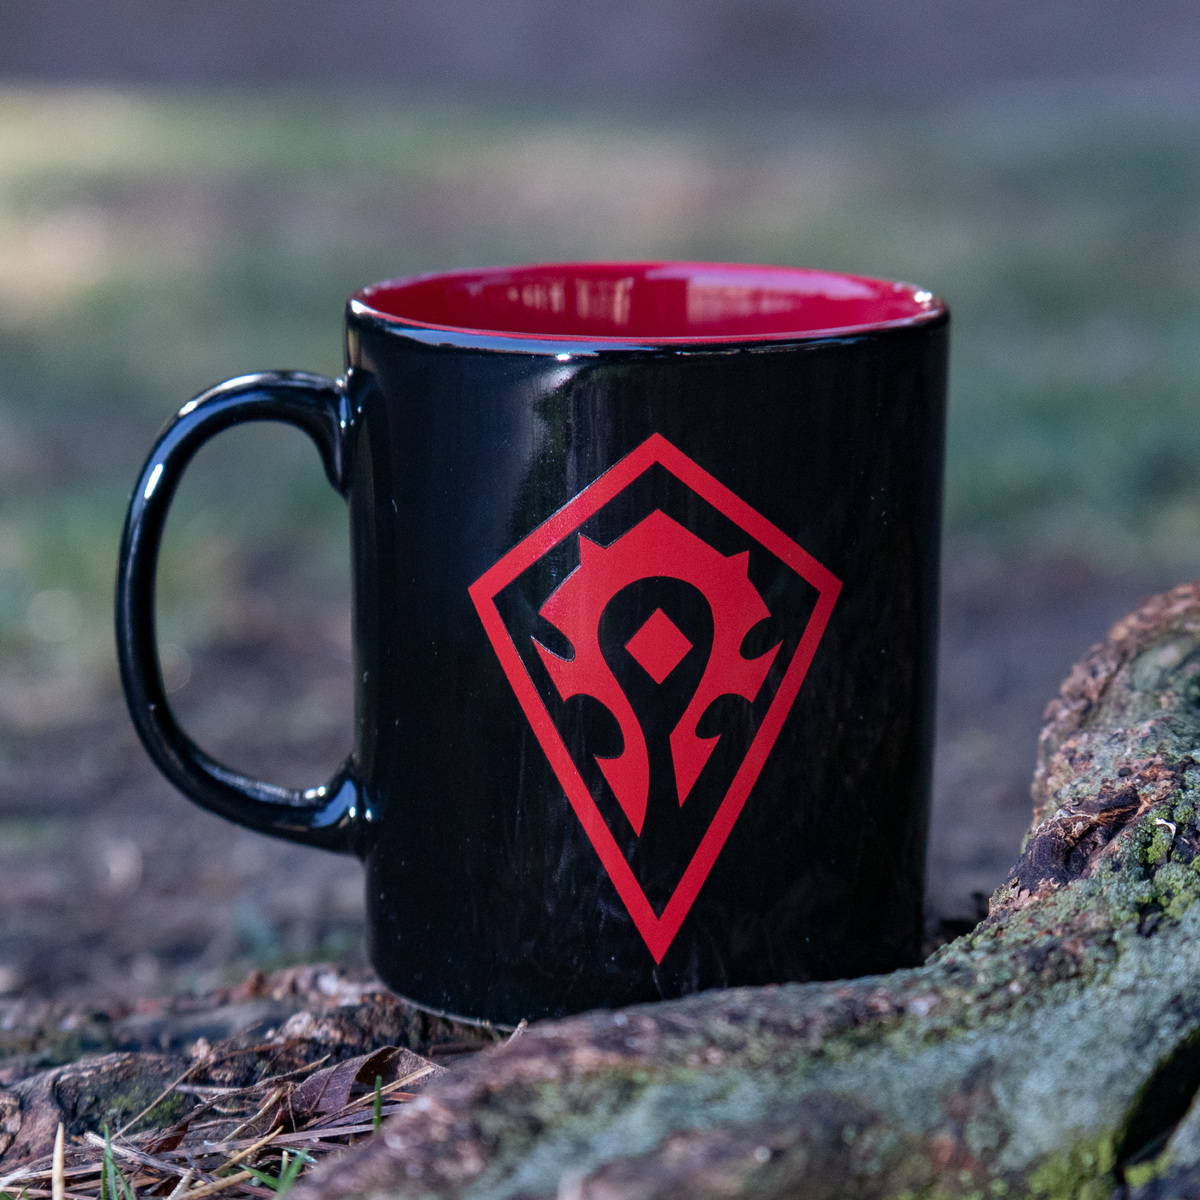 Photo of a World of Warcraft mug